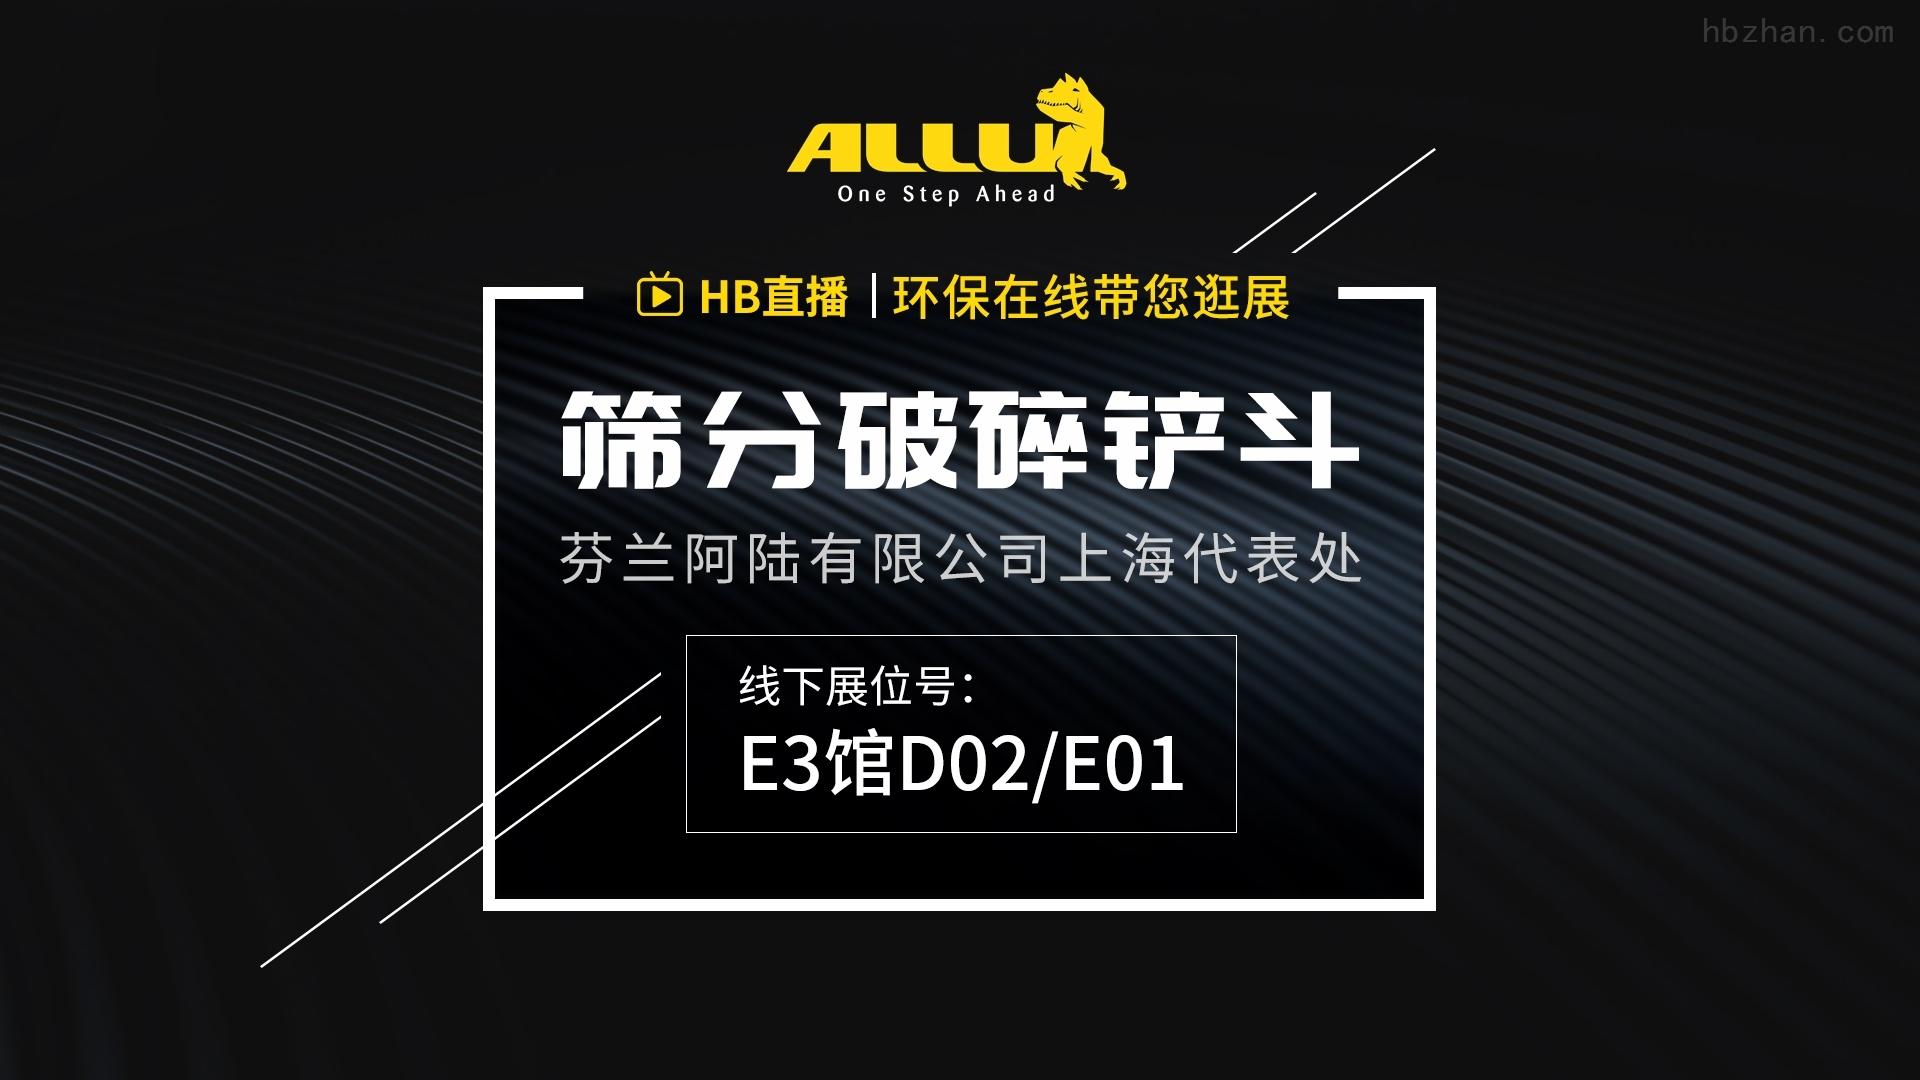 阿陆邀您相约第22届中国环博会 展台坐标E3馆D02